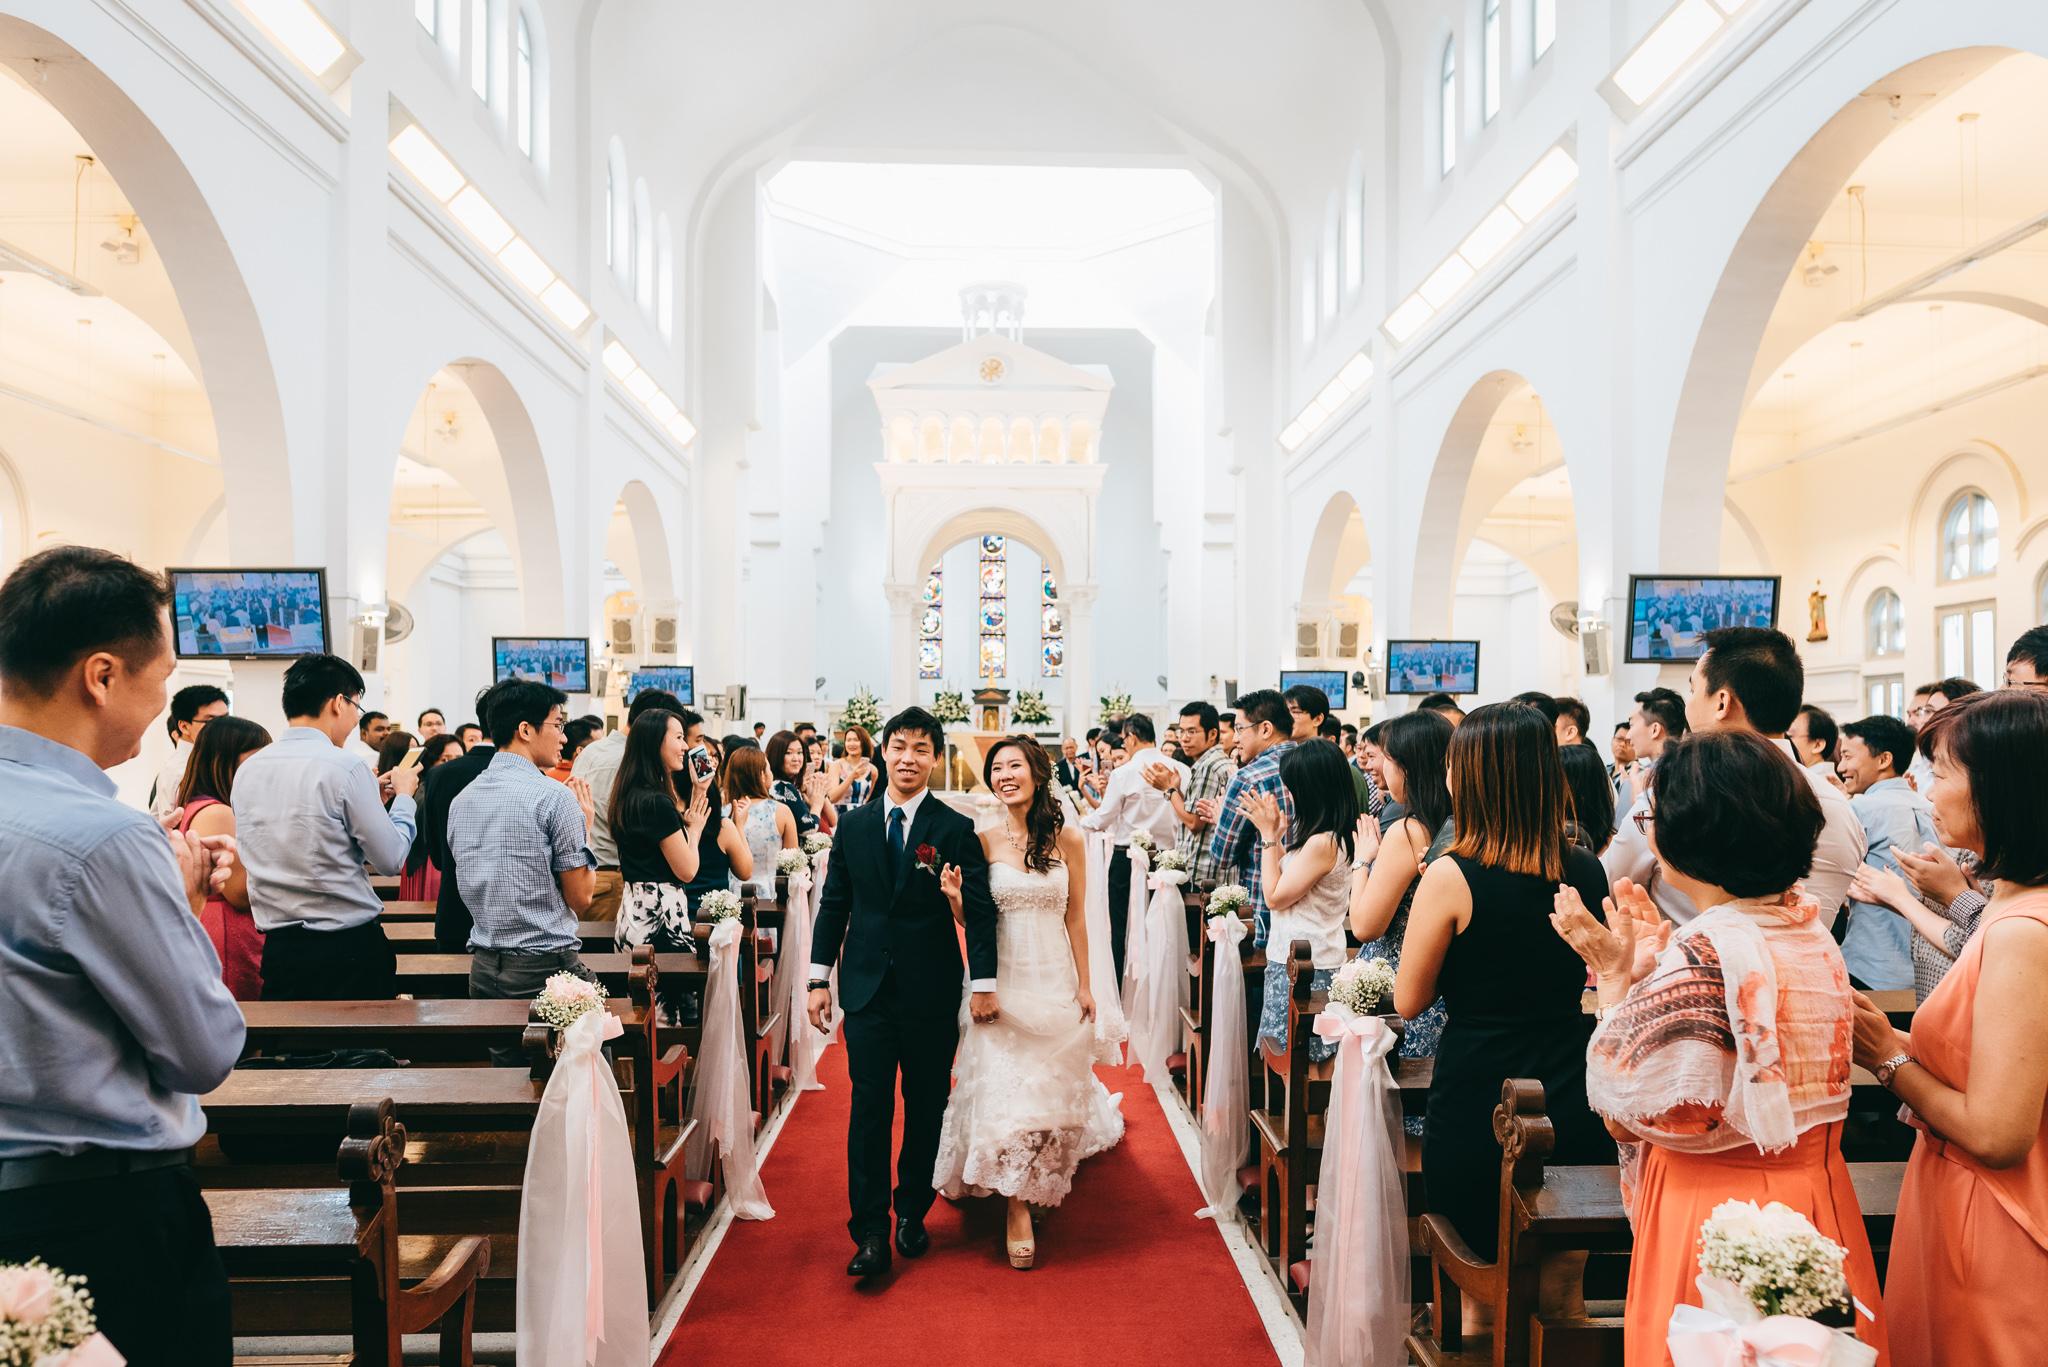 Lionel & Karen Wedding Day Highlights (resized for sharing) - 088.jpg